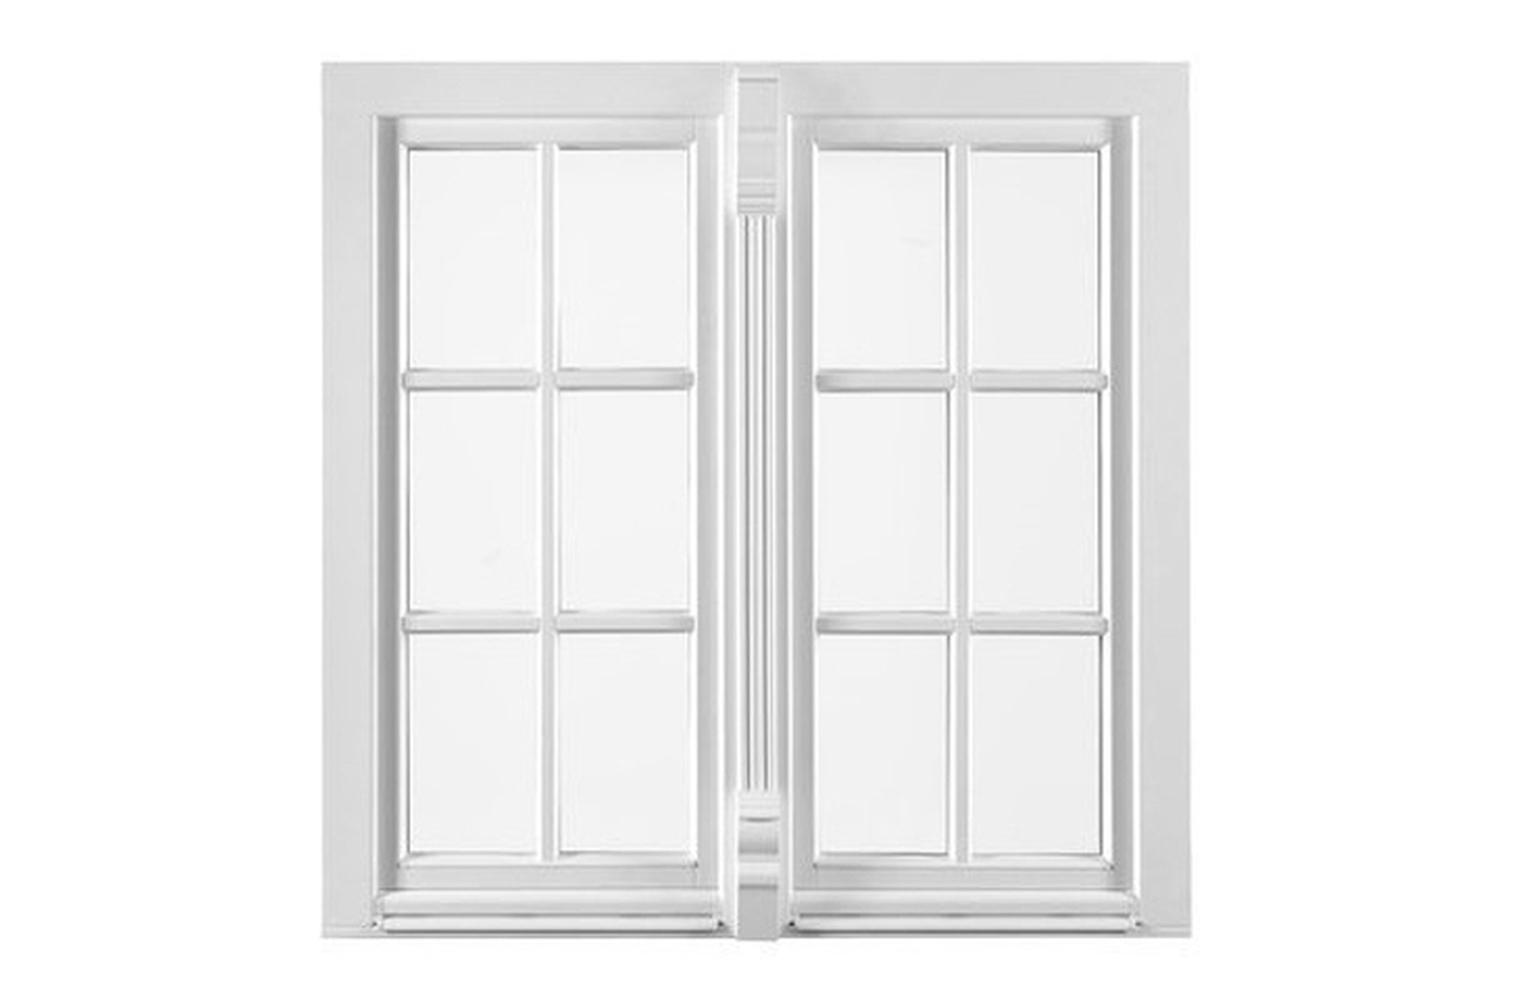 Full Size of Landhaus Fenster Im Landhausstil Authentische Gestaltung Fensterblickde Rc3 Einbruchschutz Auf Maß Sonnenschutz Rolladen Regal Weiß Türen Rollos Fenster Landhaus Fenster